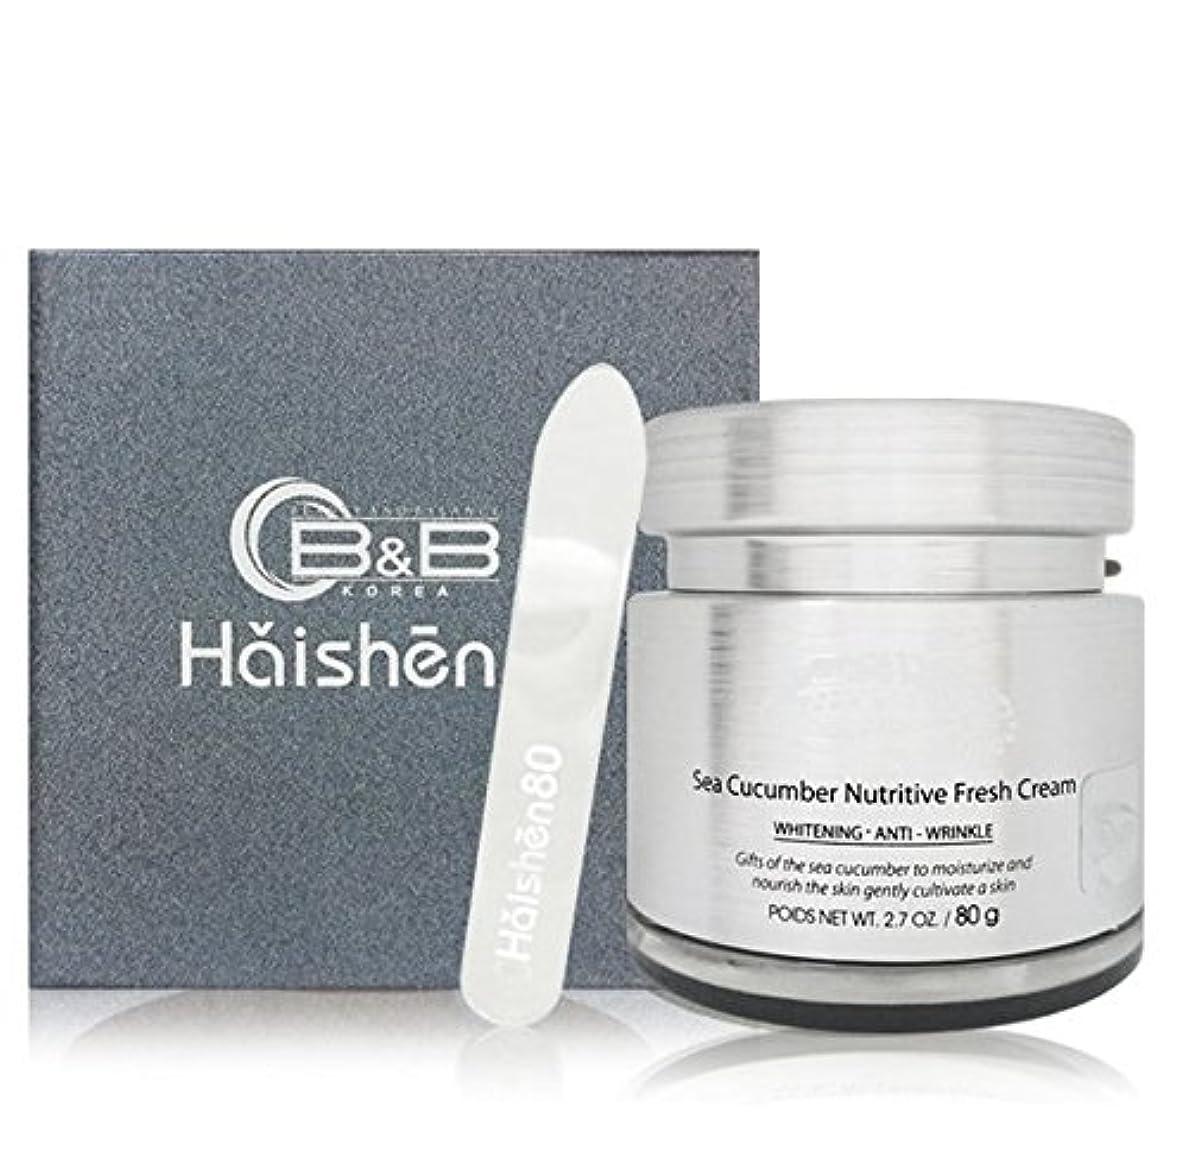 ネイティブリベラルがんばり続ける[訳有り?OUTLET]Haishen80 Sea cucumber Nutritious Fresh Cream 80g ハイサン 80 シーキューカンバーニュトゥリチブフレッシュクリーム 80g